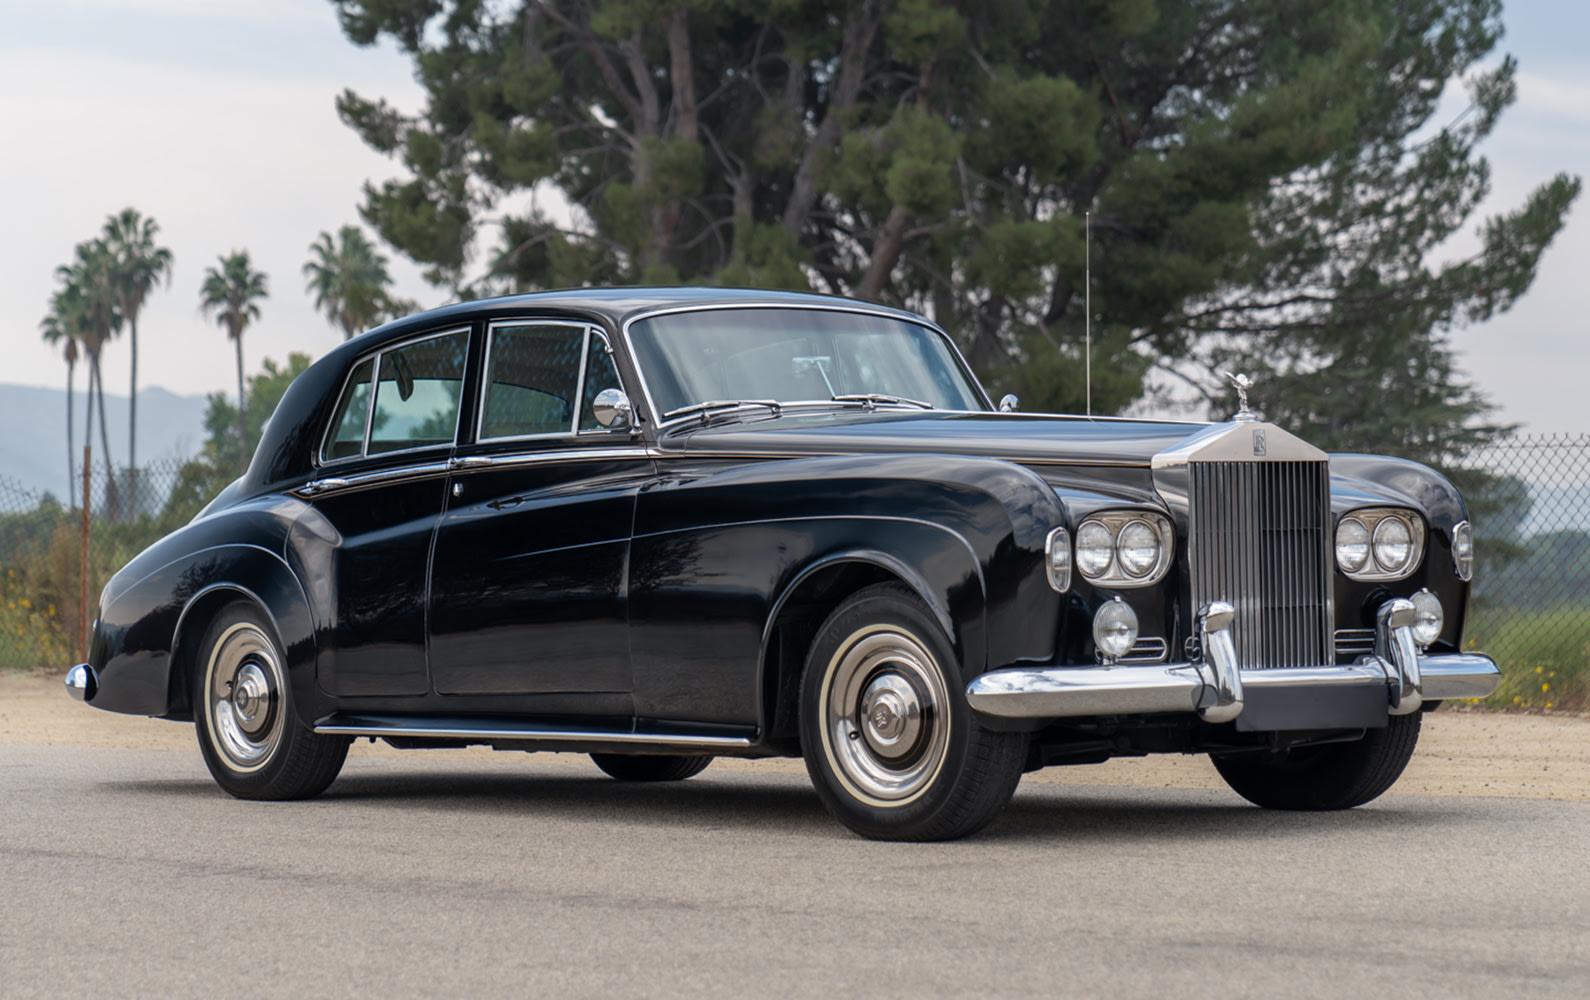 Prod/Portal/1965 Rolls-Royce Silver Cloud III Saloon /1965-Rolls-Royce-Silver-Cloud-III-Saloon-91